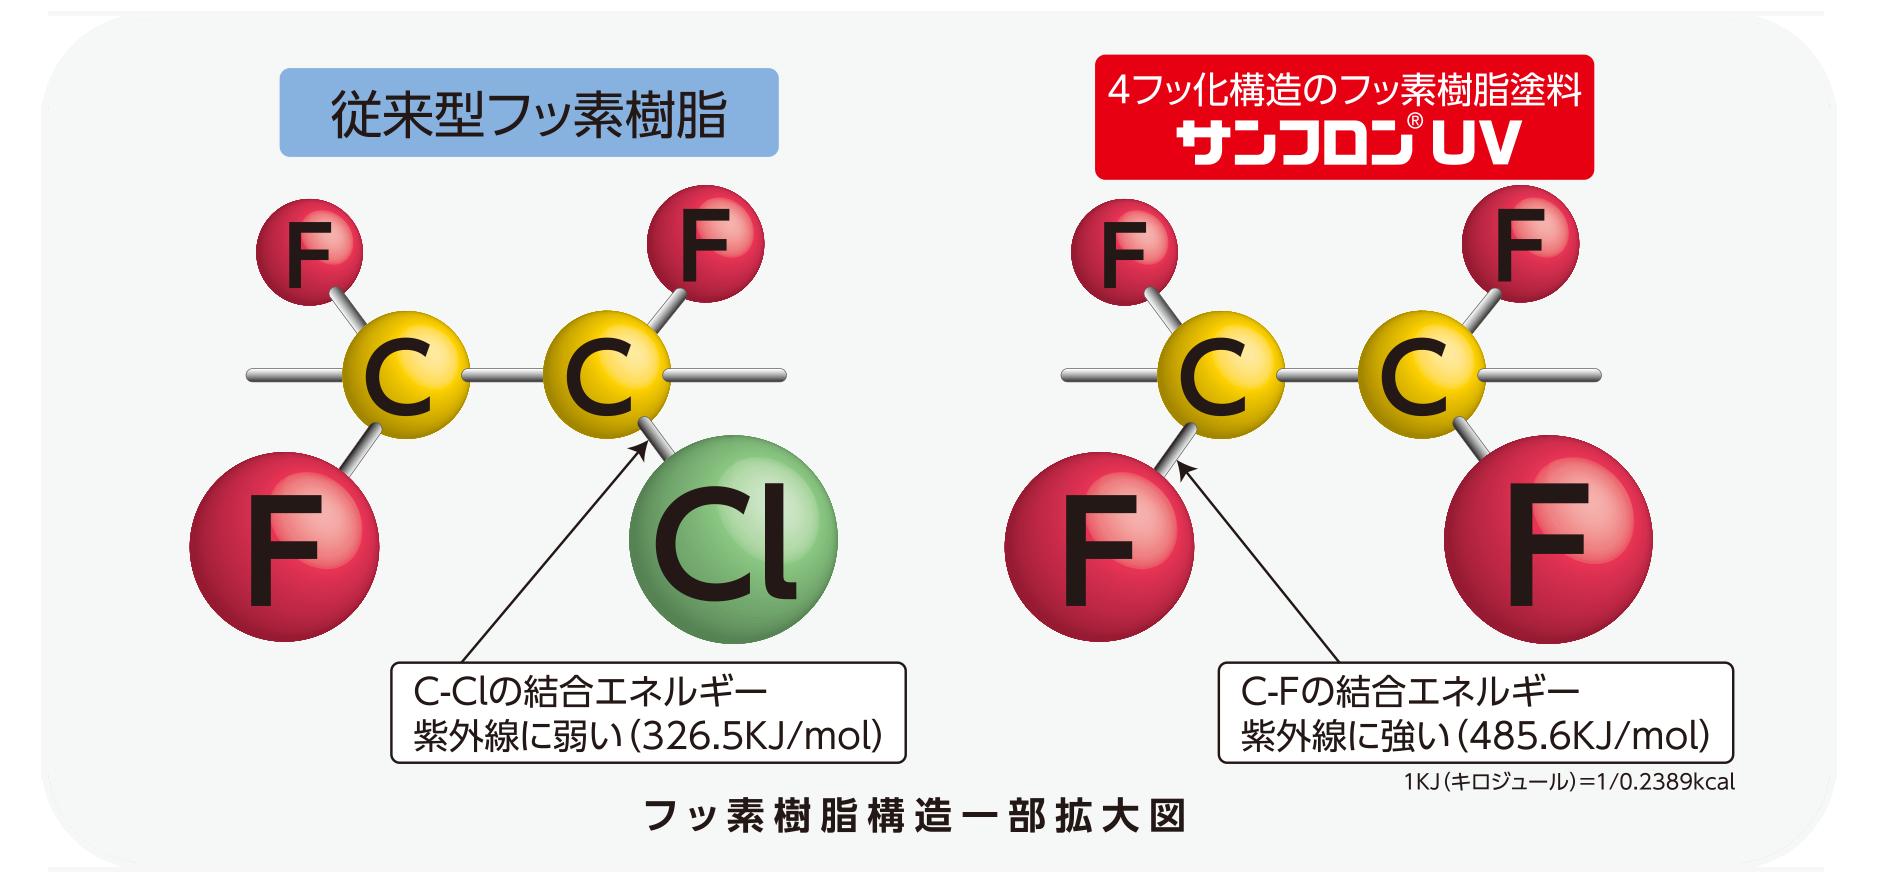 フッ素樹脂構造一部拡大図